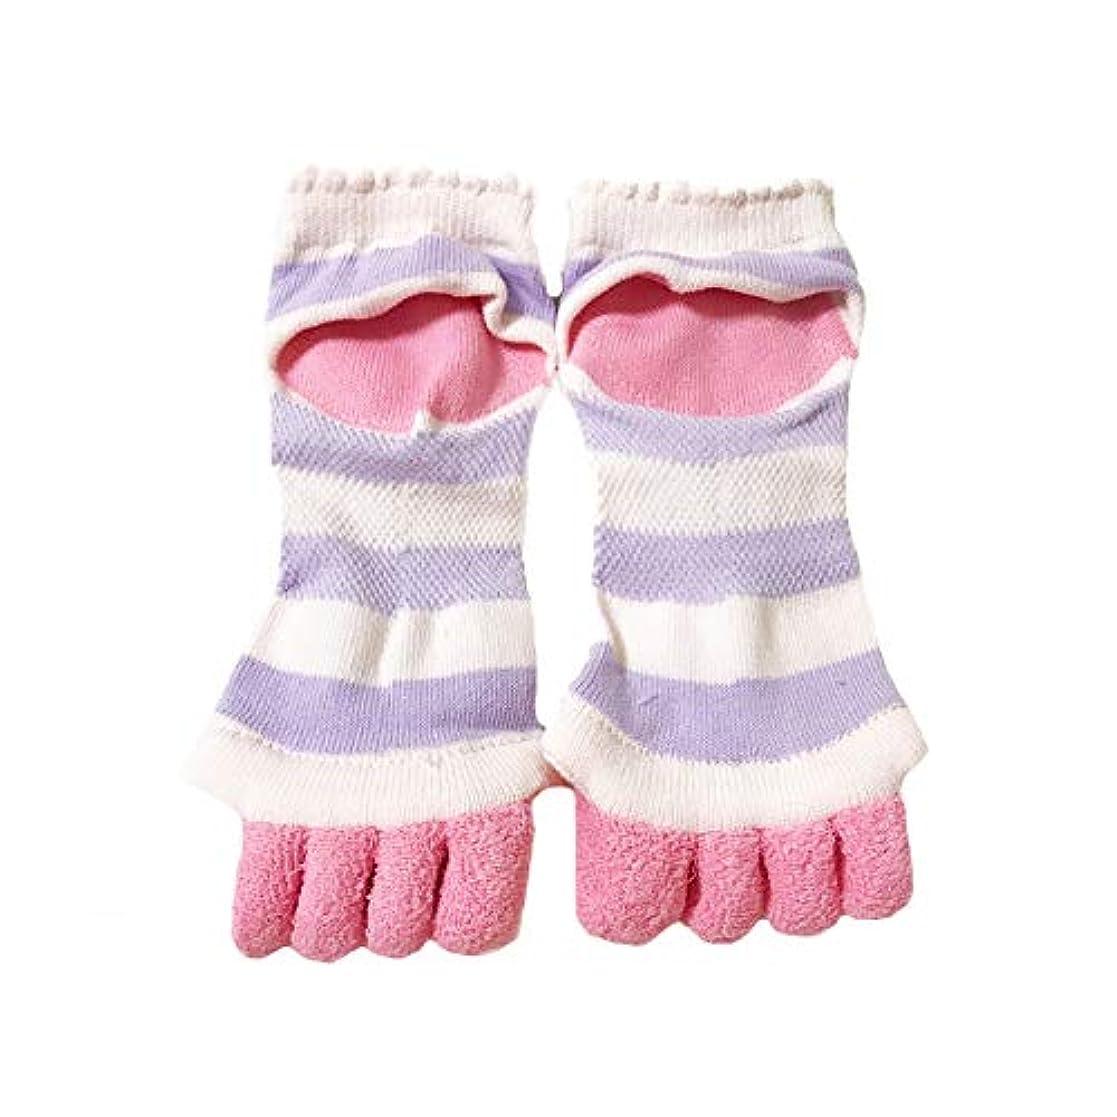 飛行機工夫する塩辛い足指 広げる ソックス かかと つるつる靴下 ケア かかとケア パッド 靴下 レディース くつした リラックス 寝る時 就寝 ネイル おやすみ ベティキュア 角質除去 サポーター 保湿